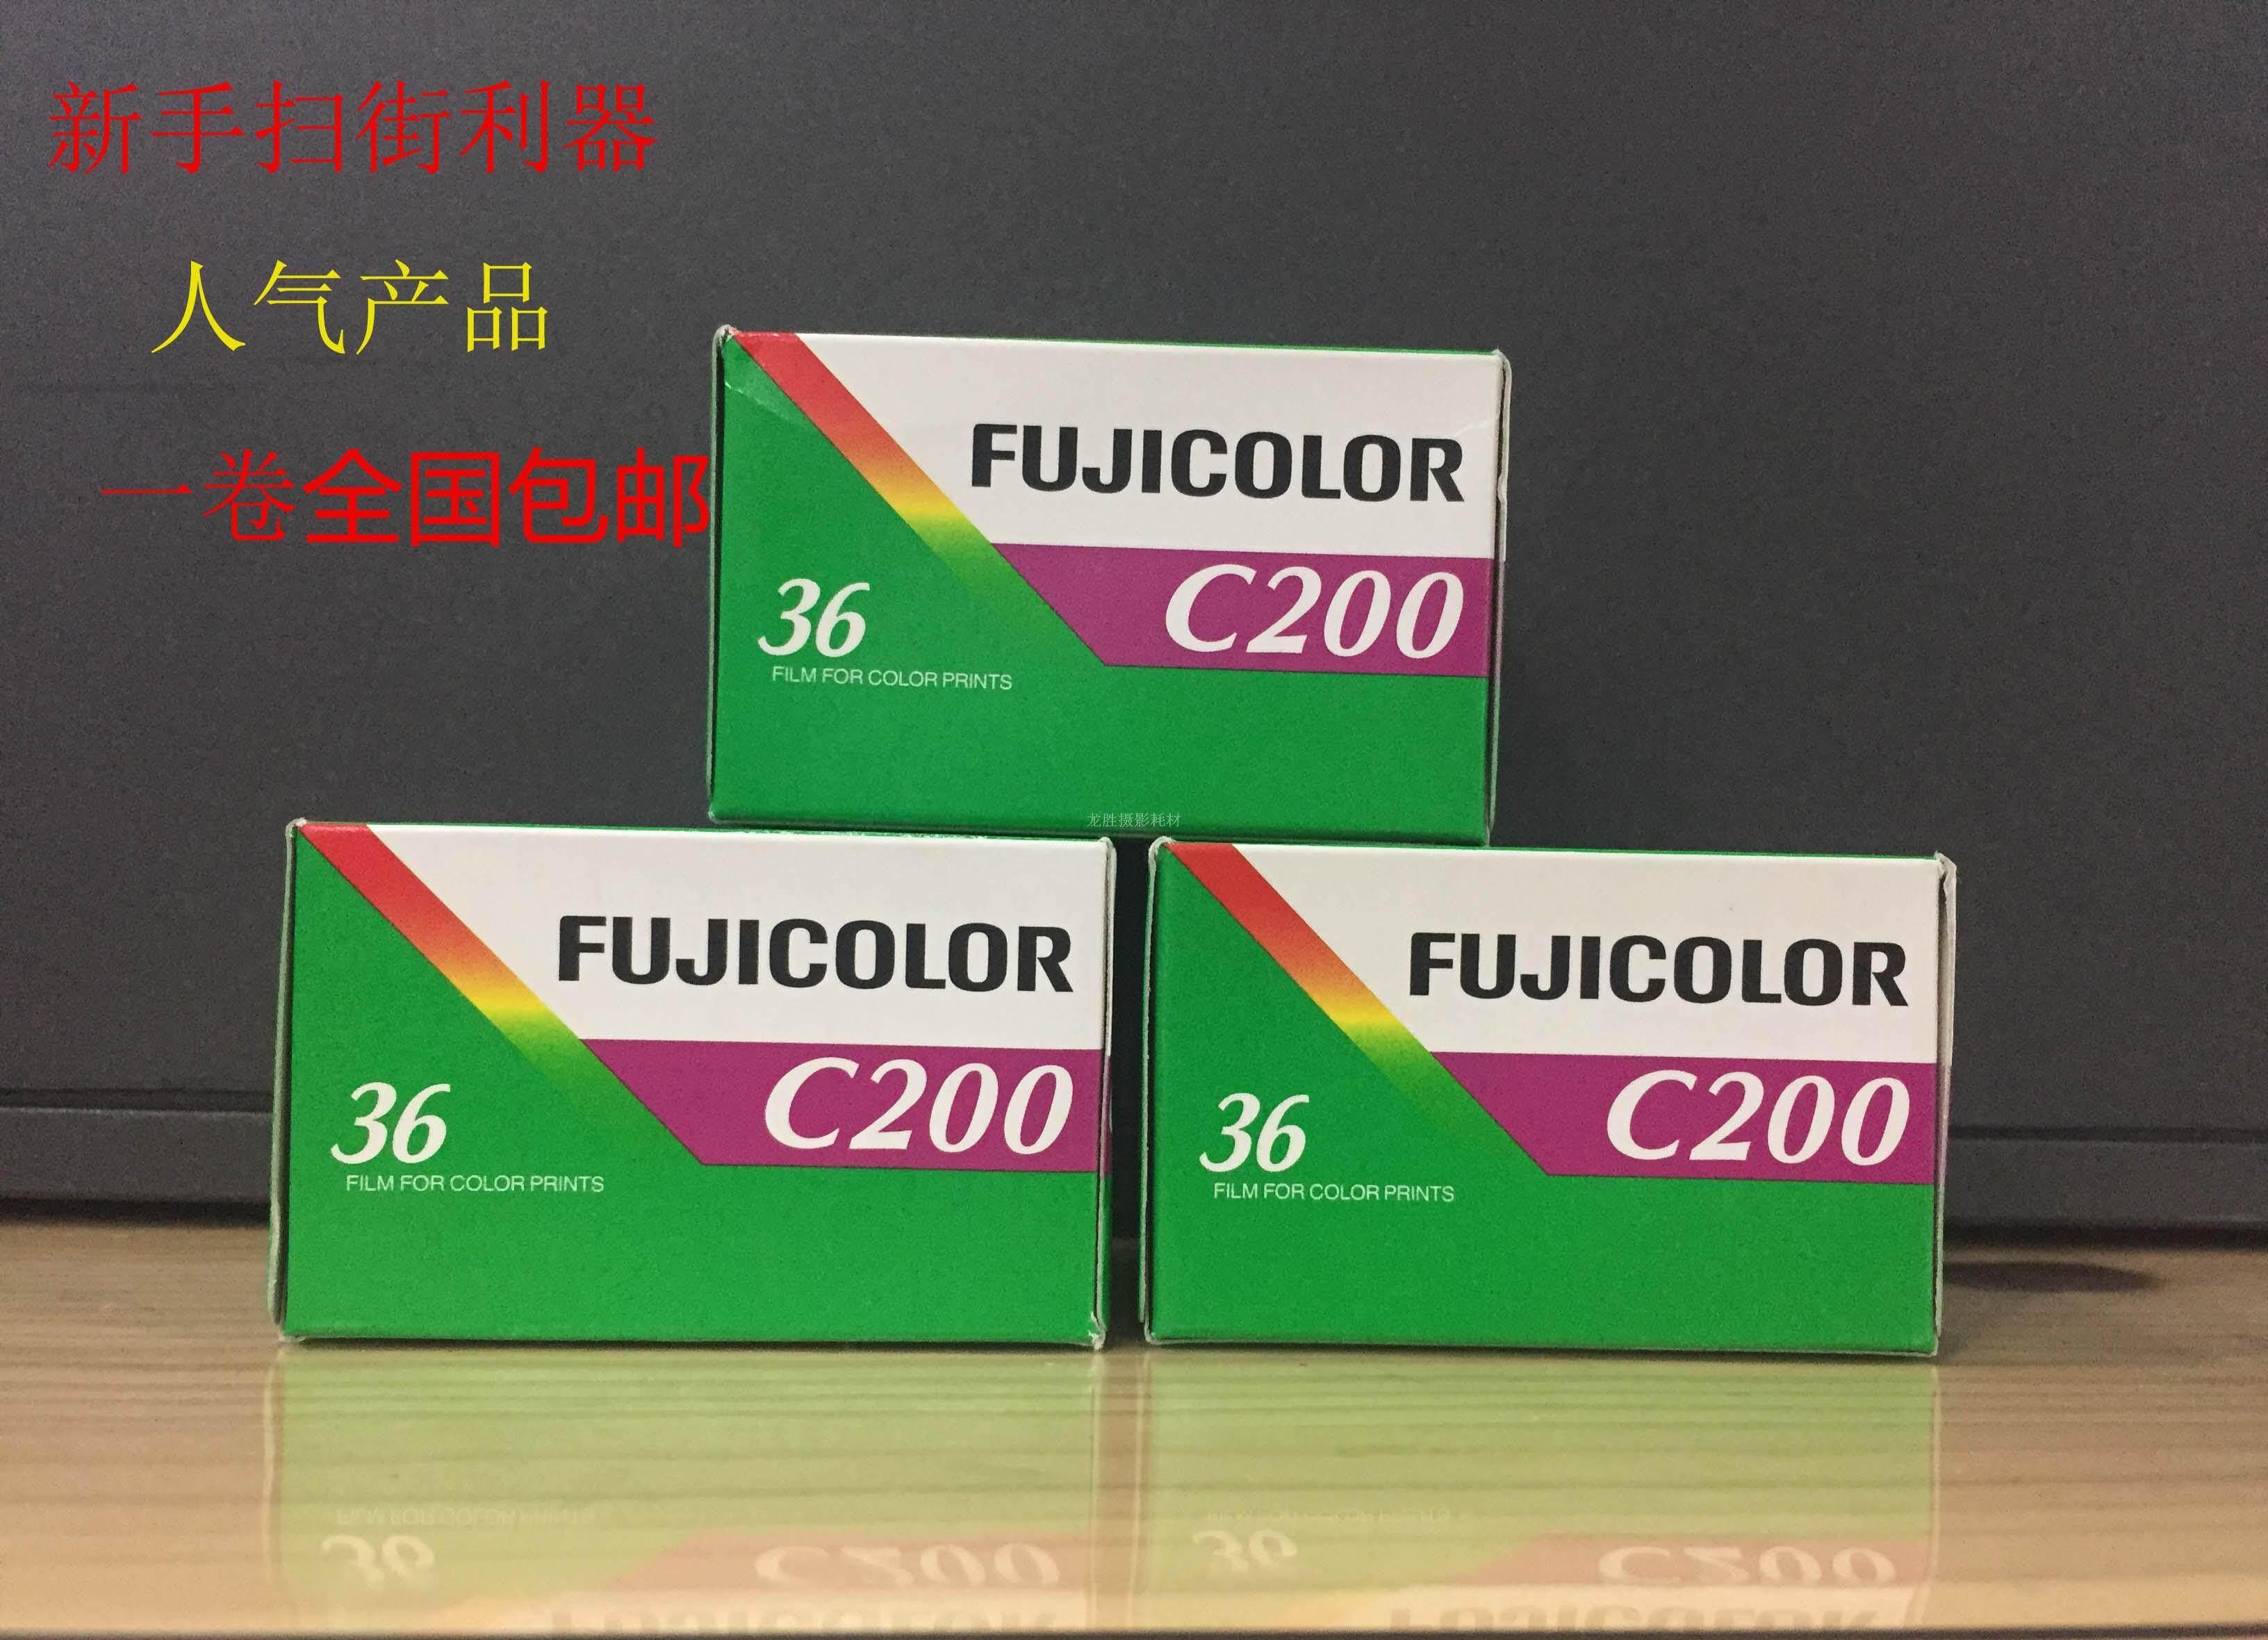 Fujifilm pelindung layar c200/c200 berwarna-warni nasional derajat